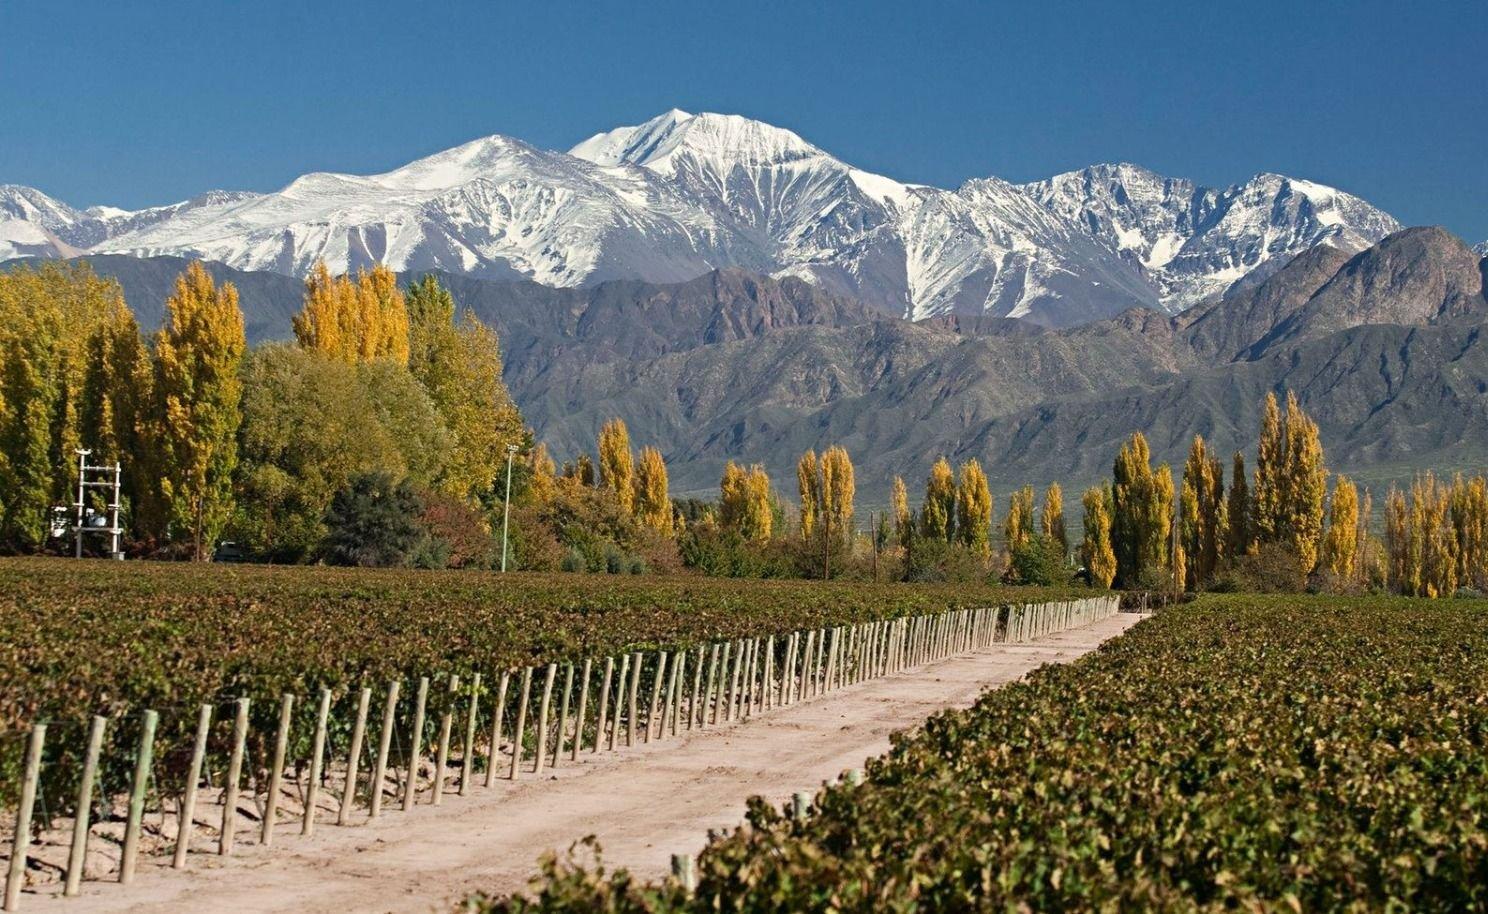 Sábado soleado y agradable en Mendoza: la antesala del frente frío que llegará